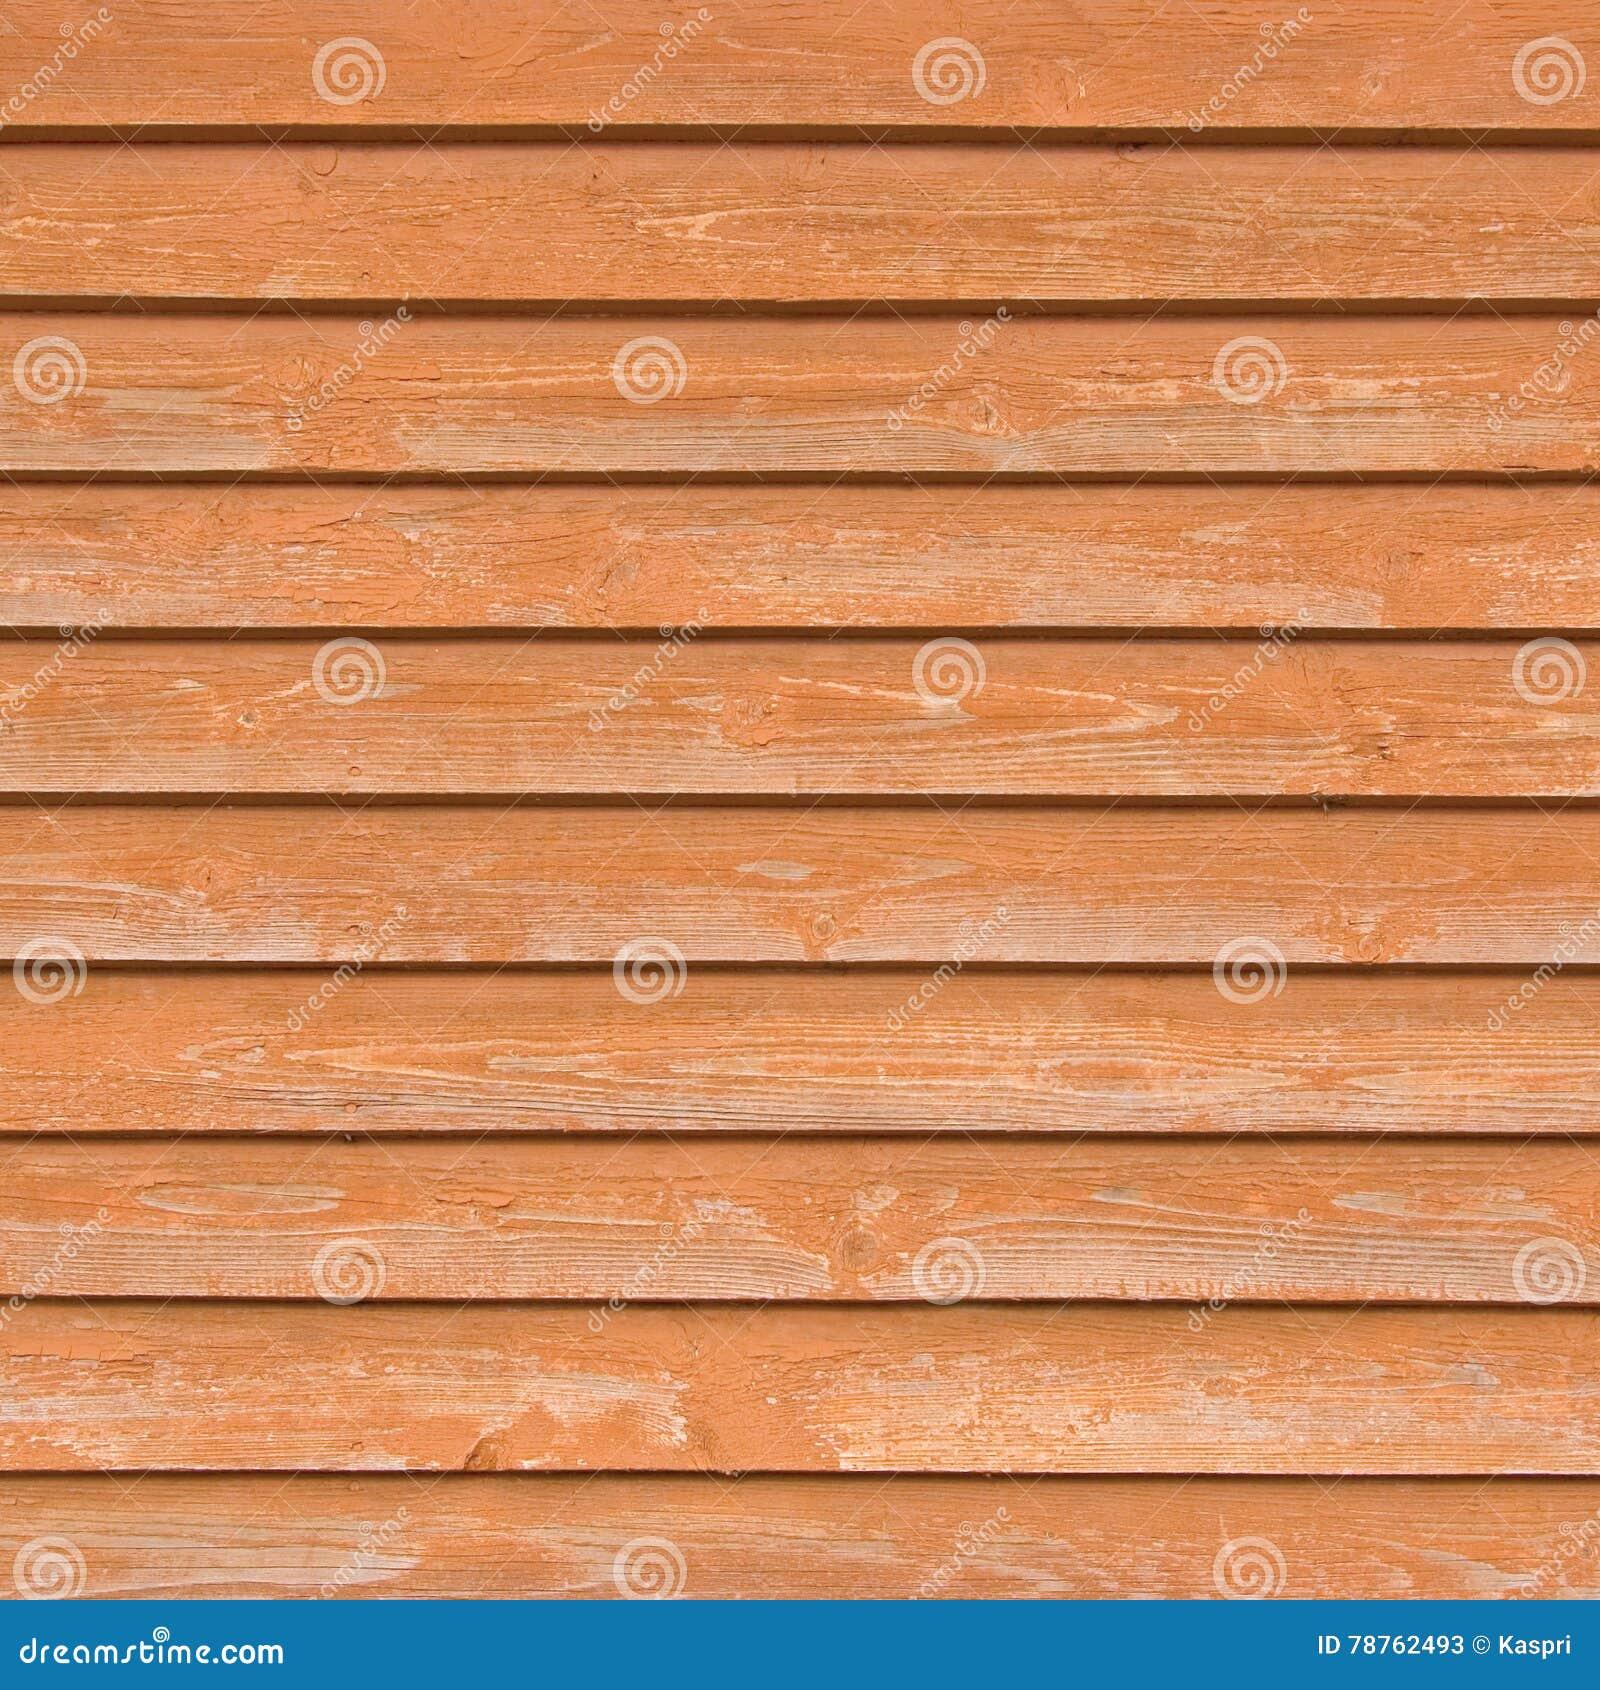 Vieilles planches en bois naturelles de barrière, texture étroite en bois de conseil, fond brun-rougeâtre clair de recouvrement d